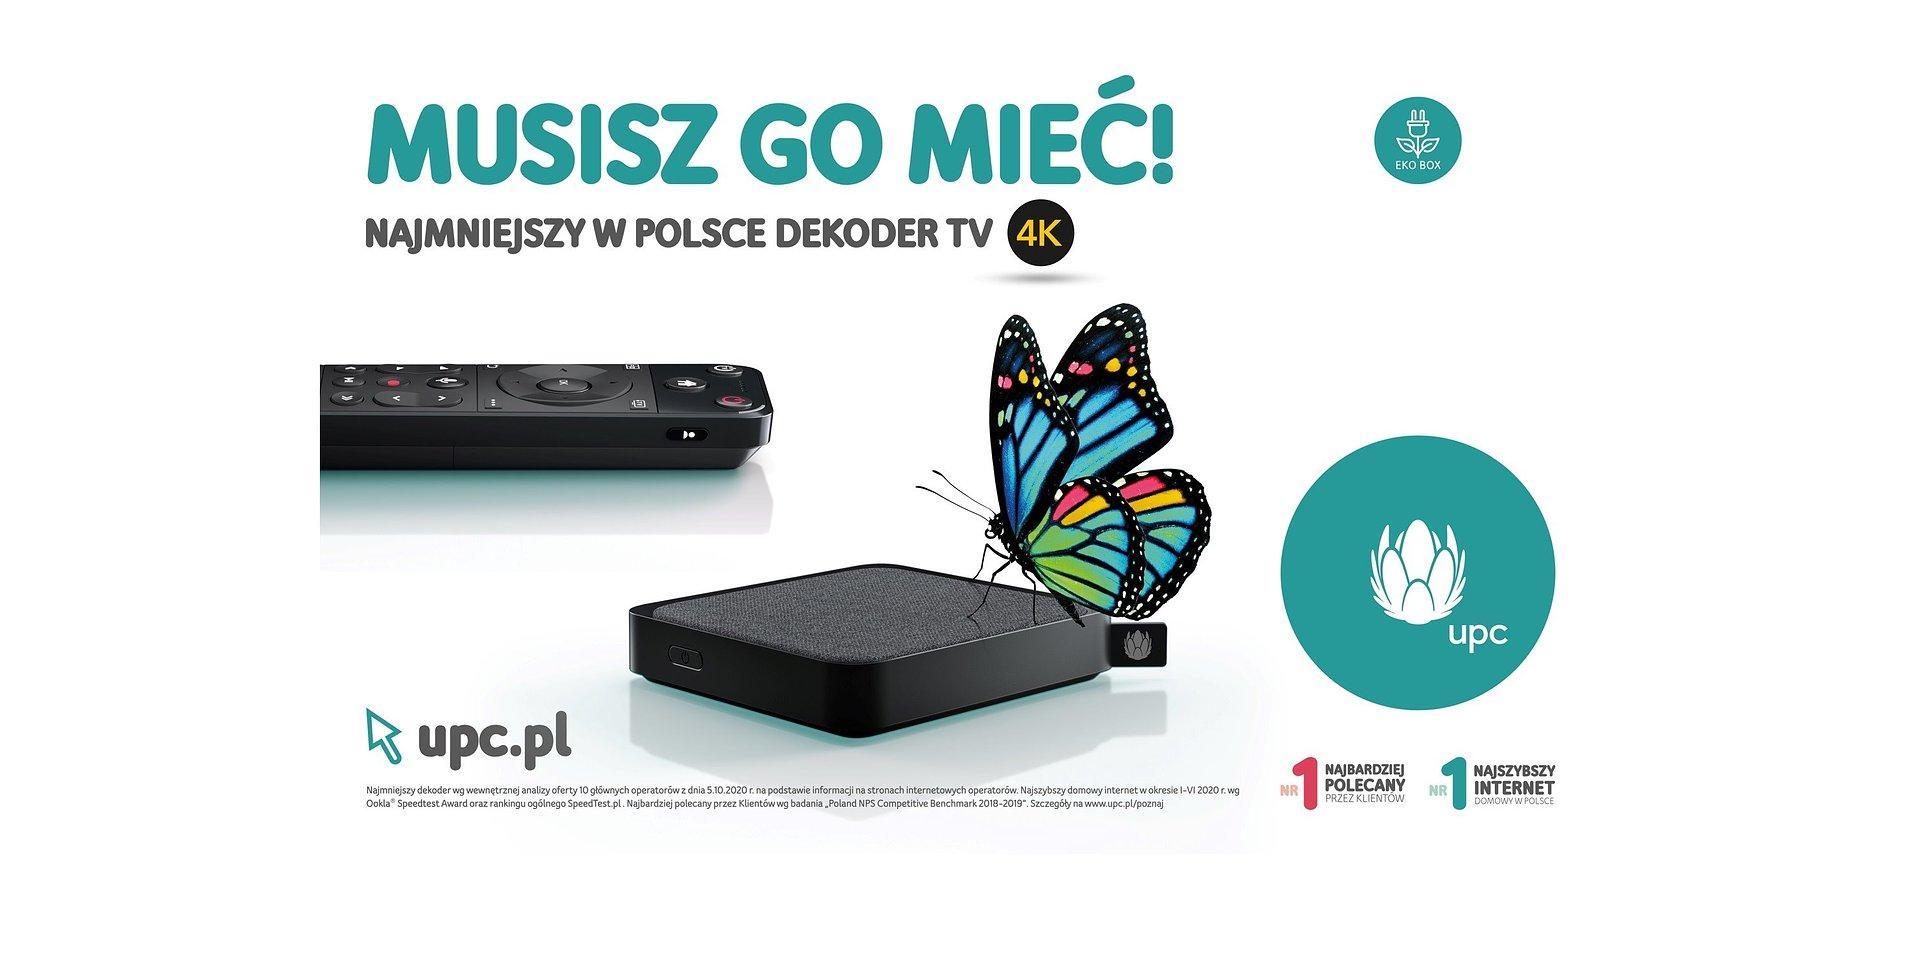 UPC promuje swój najnowszy dekoder UPC TV 4K BOX w nowej kampanii reklamowej